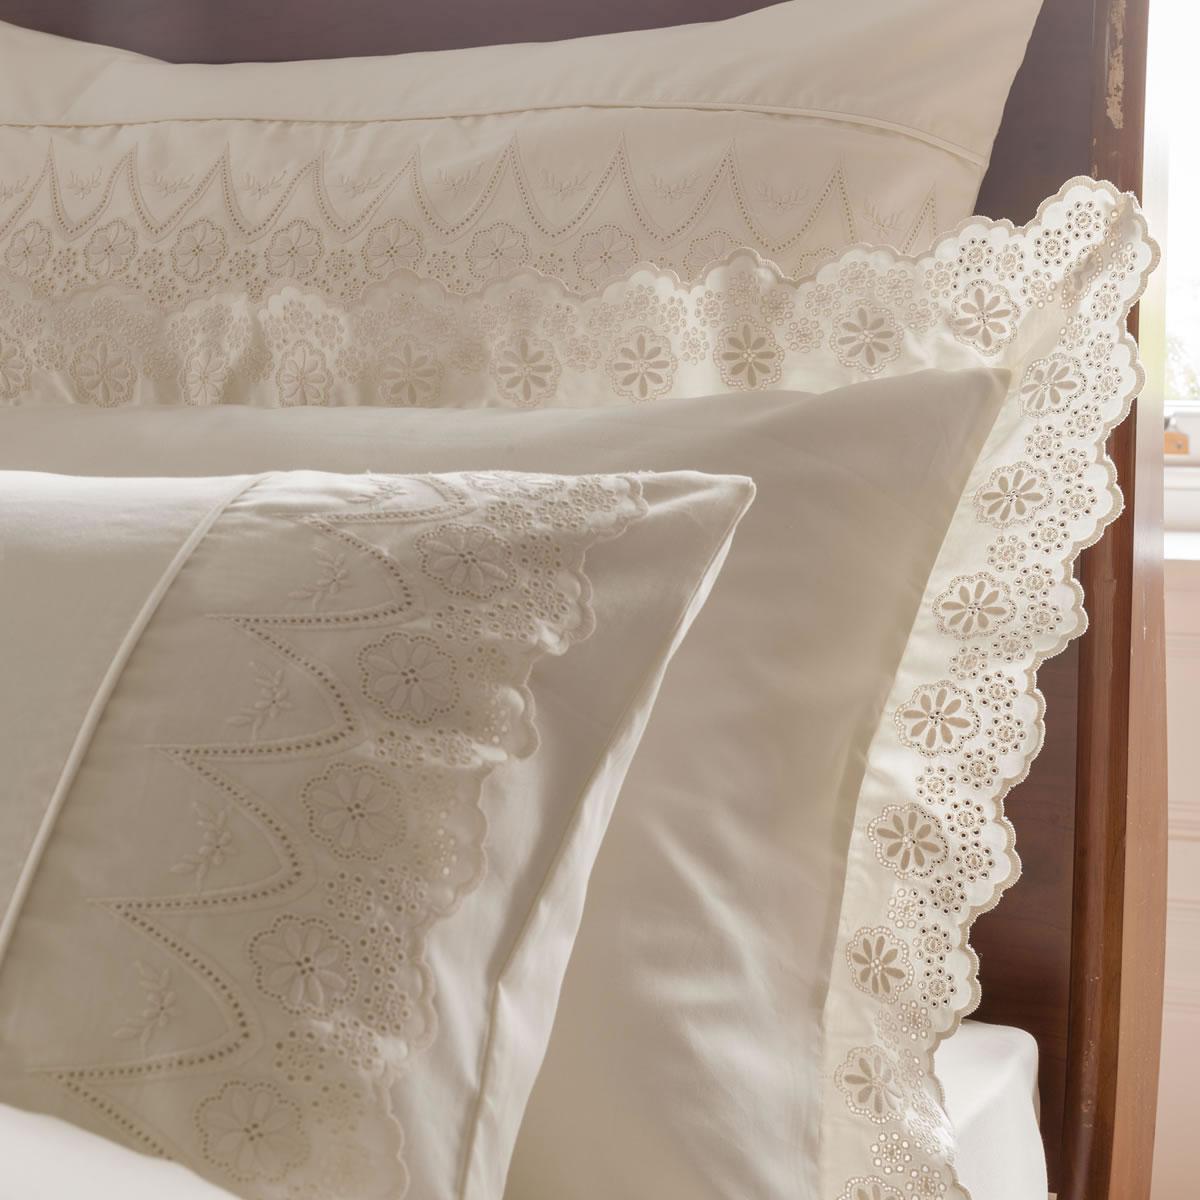 Dorma Staunton Standard Pillowcase